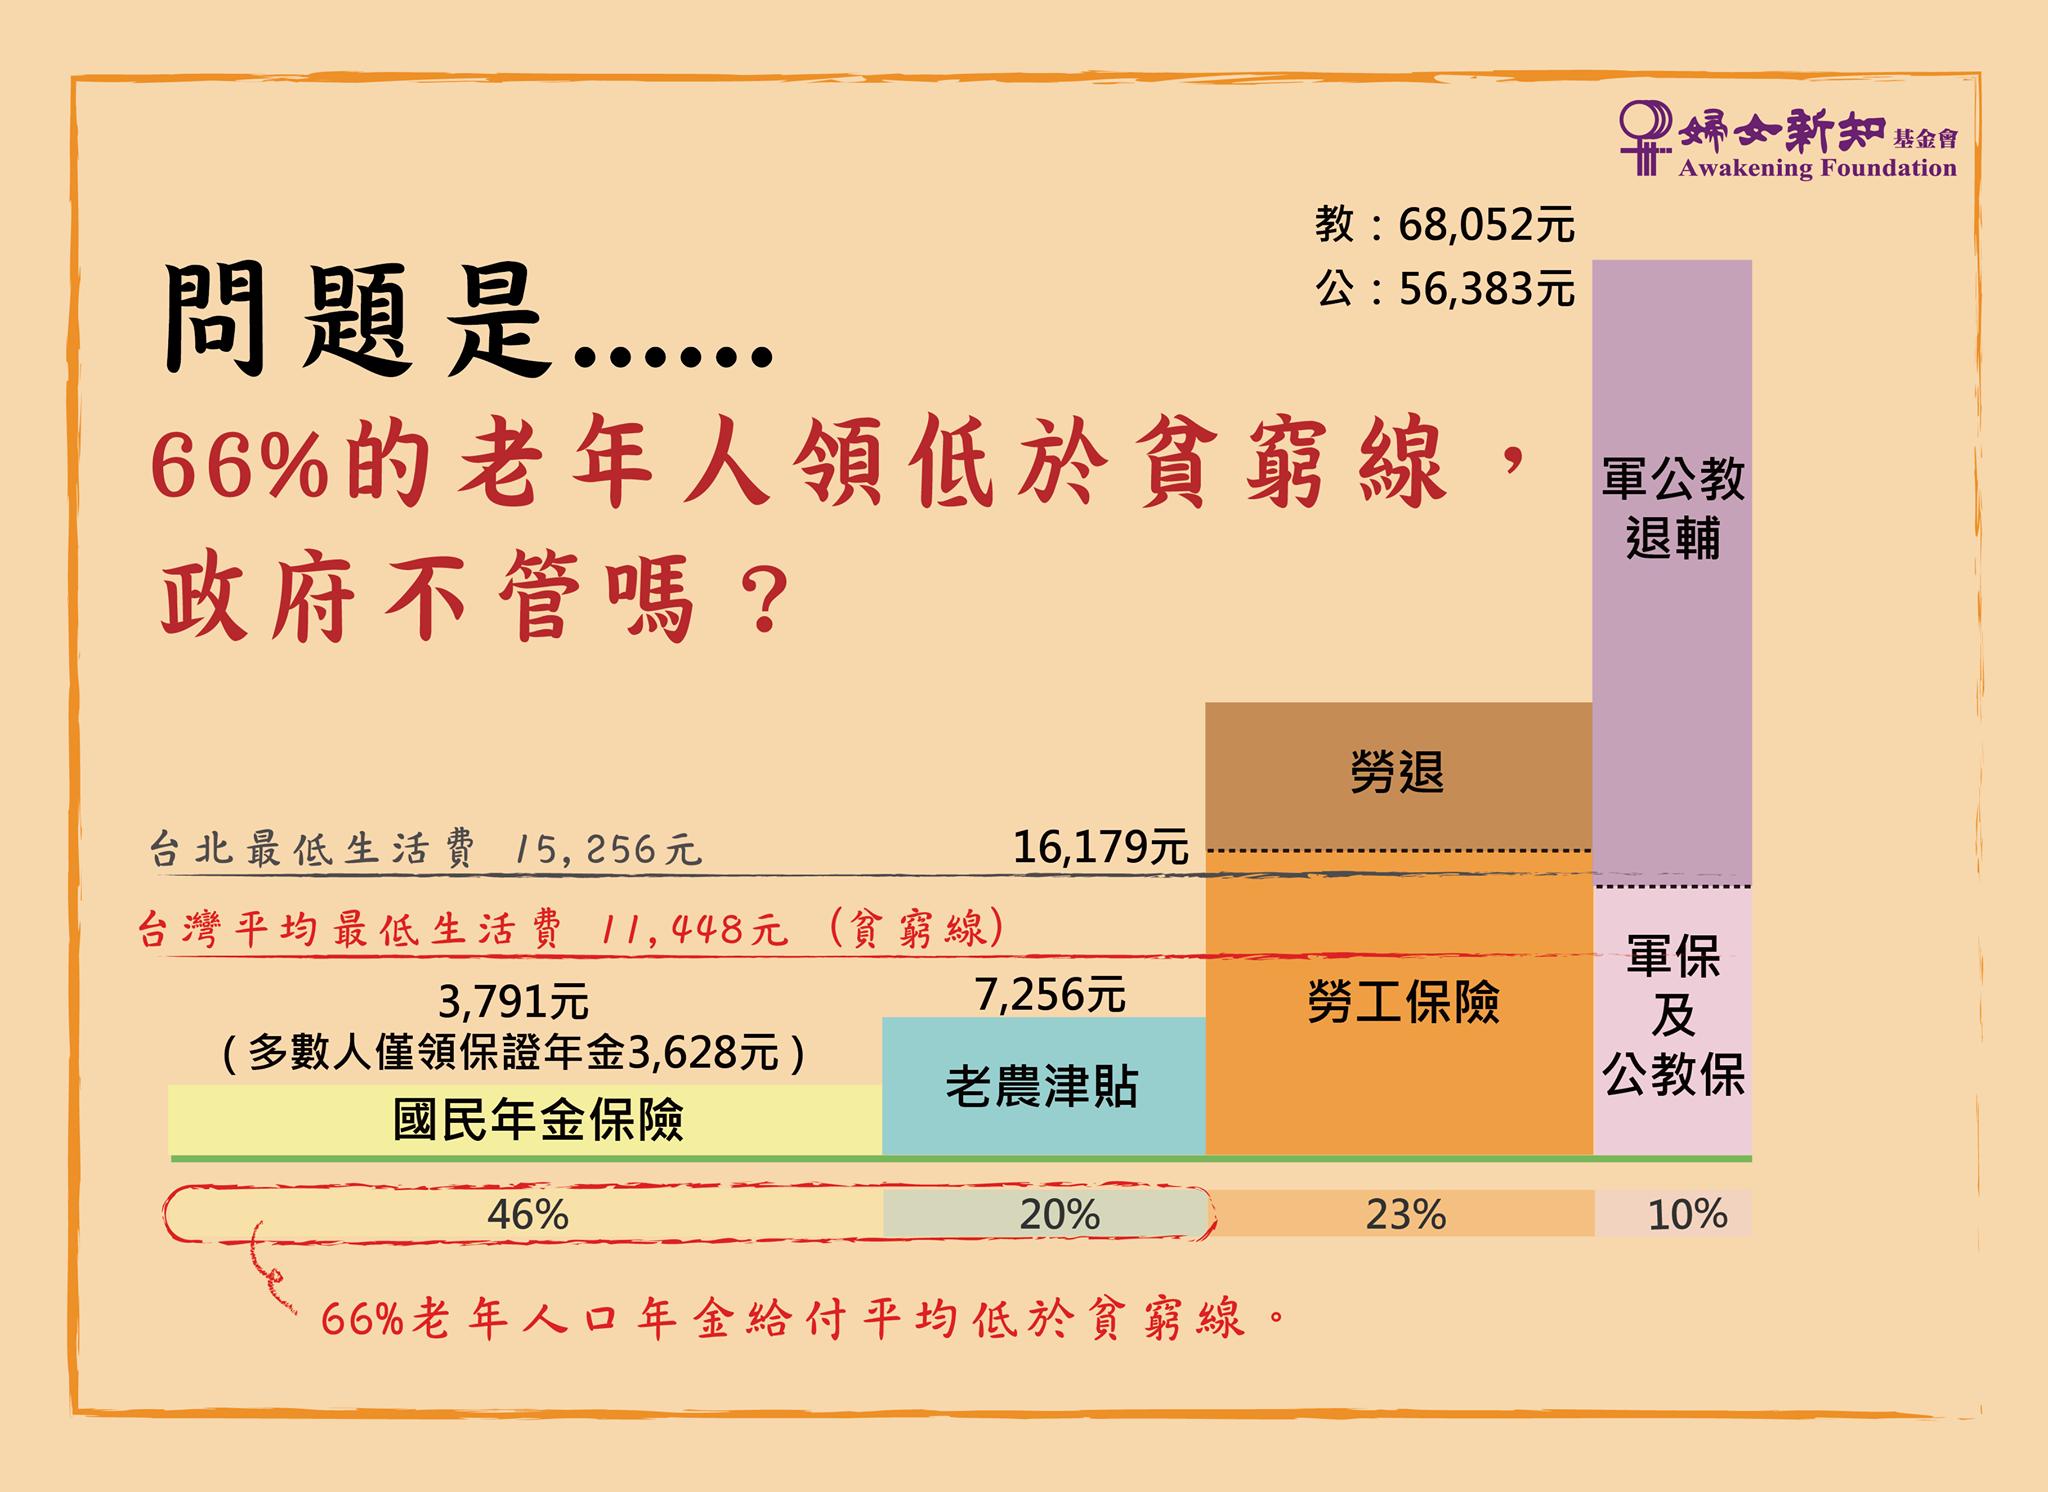 婦女新知比較各年金給付狀況,指出有66%老人領到的金額低於貧窮線。(資料提供:婦女新知基金會)